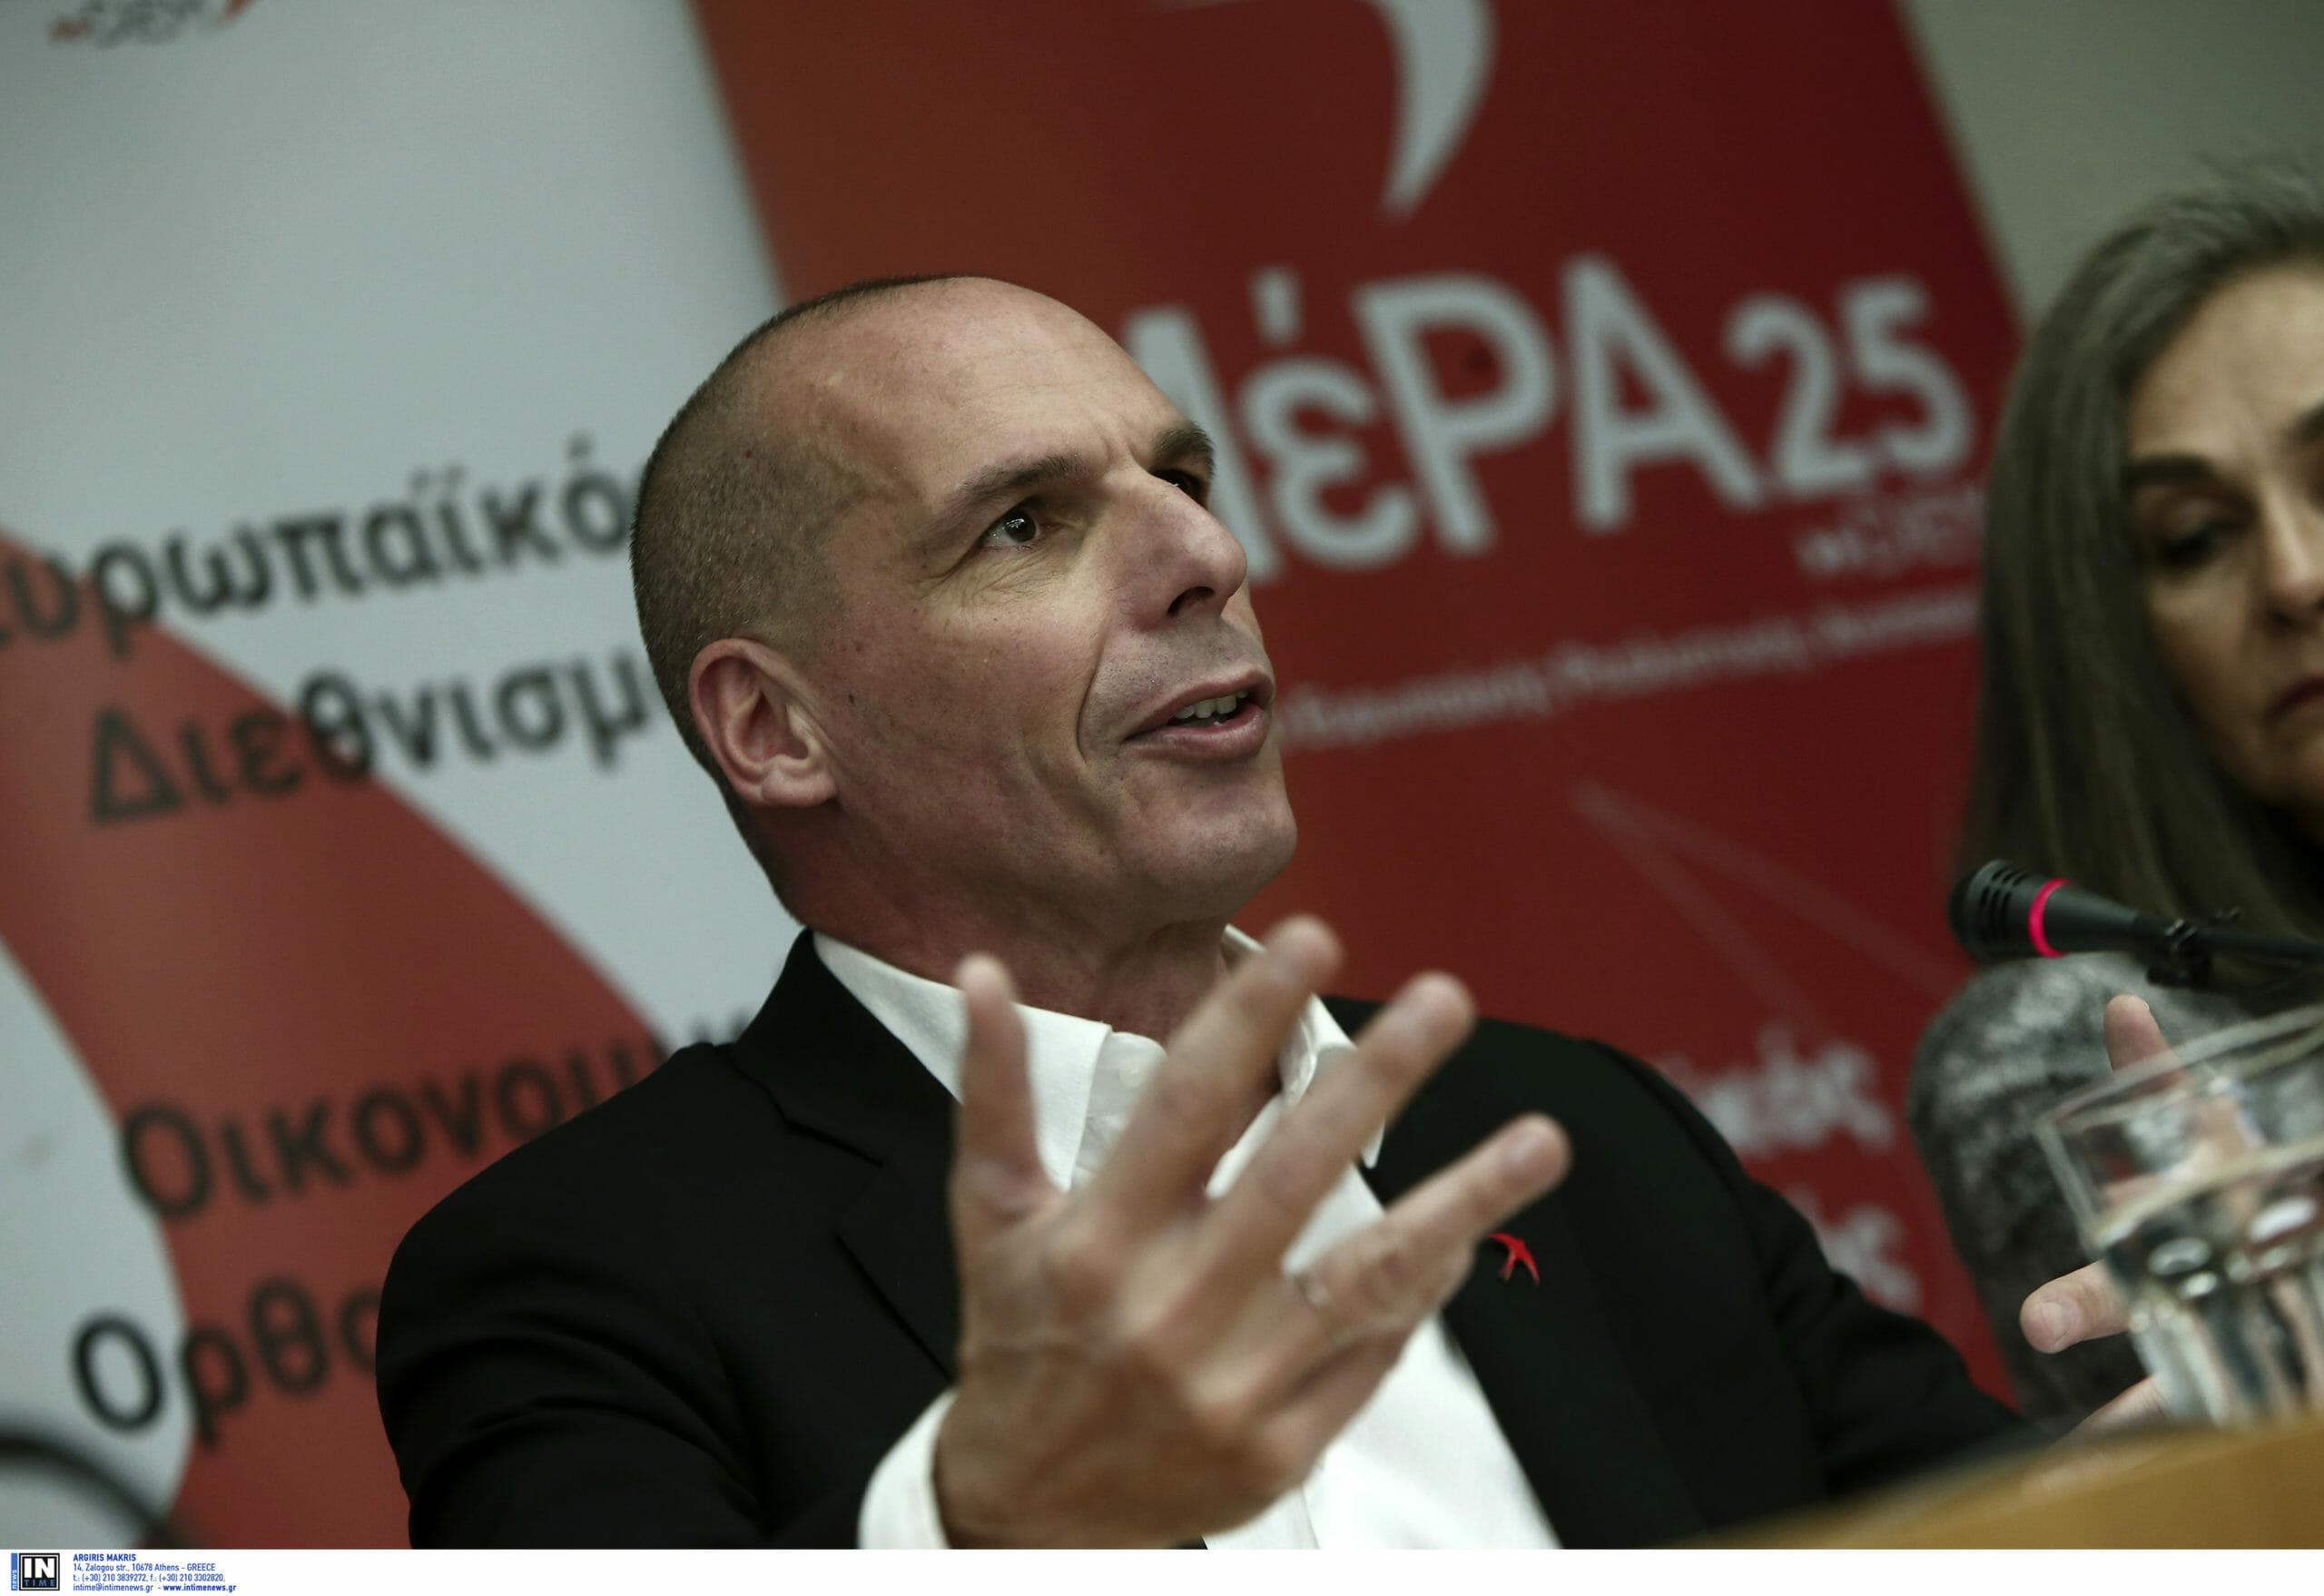 Στη... φόρα στις 10 Μαρτίου βγάζει ο Βαρουφάκης τις συνομιλίες που κατέγραψε στο Eurogroup